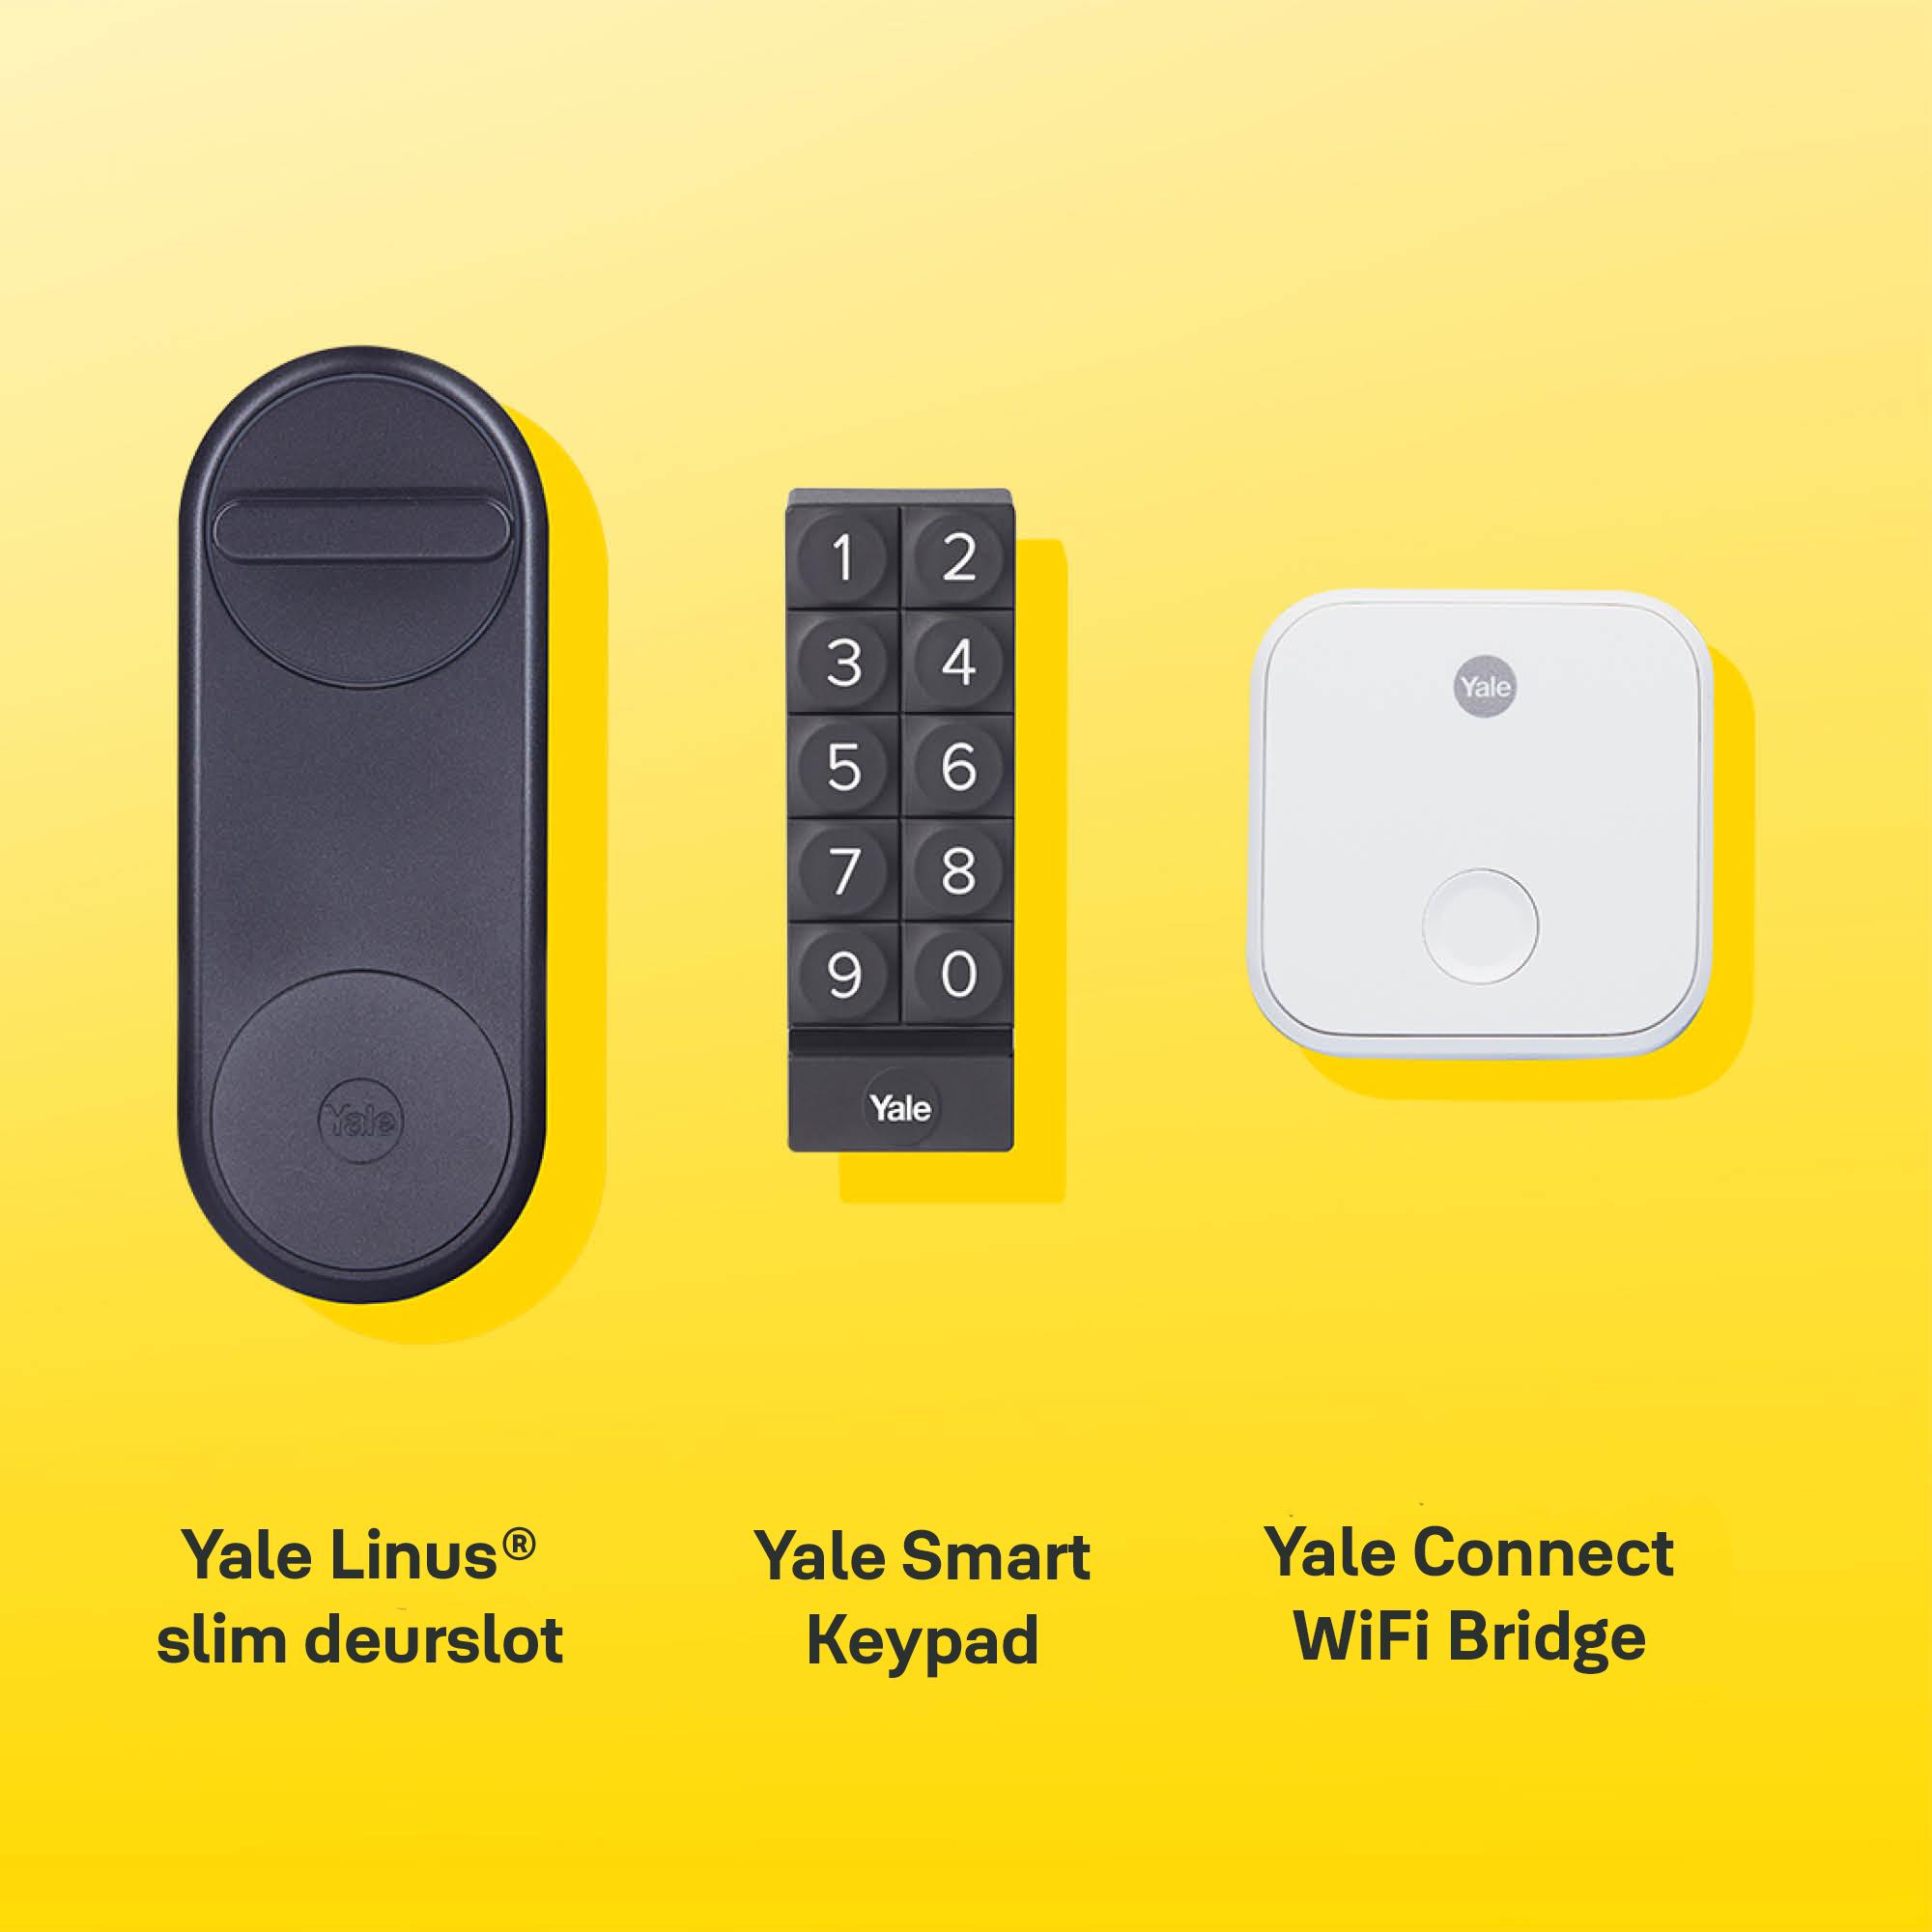 Yale Linus, slim deurslot, smartlock, bnb, toegang op afstand, pincode